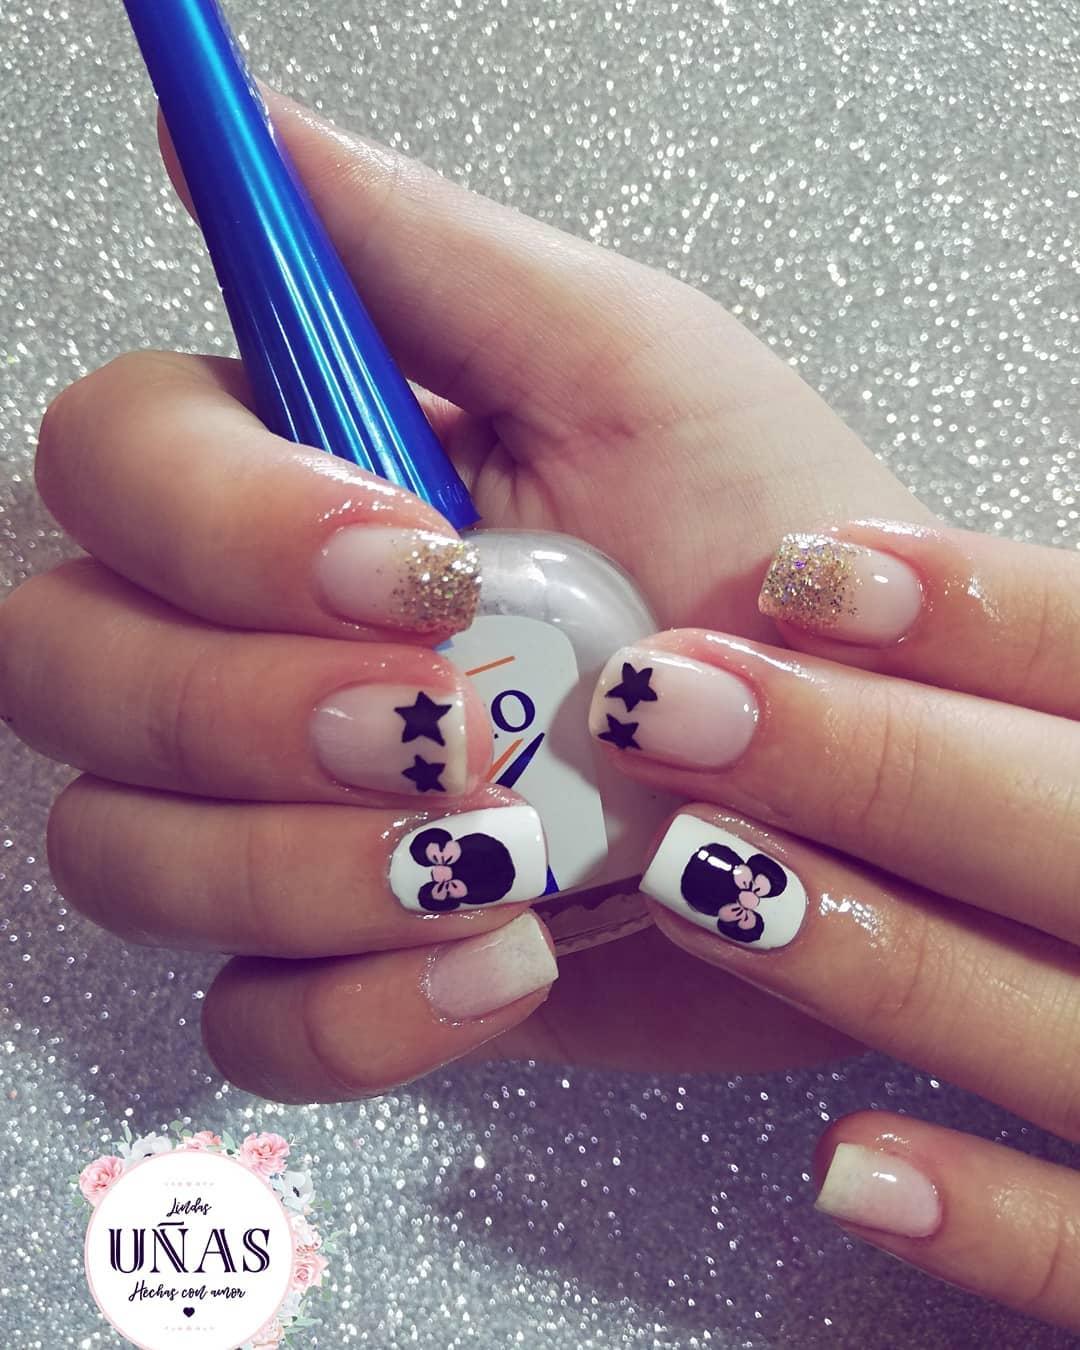 Unhas fofas feitas com amor # unhas # unhas # unhas # unhas # unhas # manicure # ...